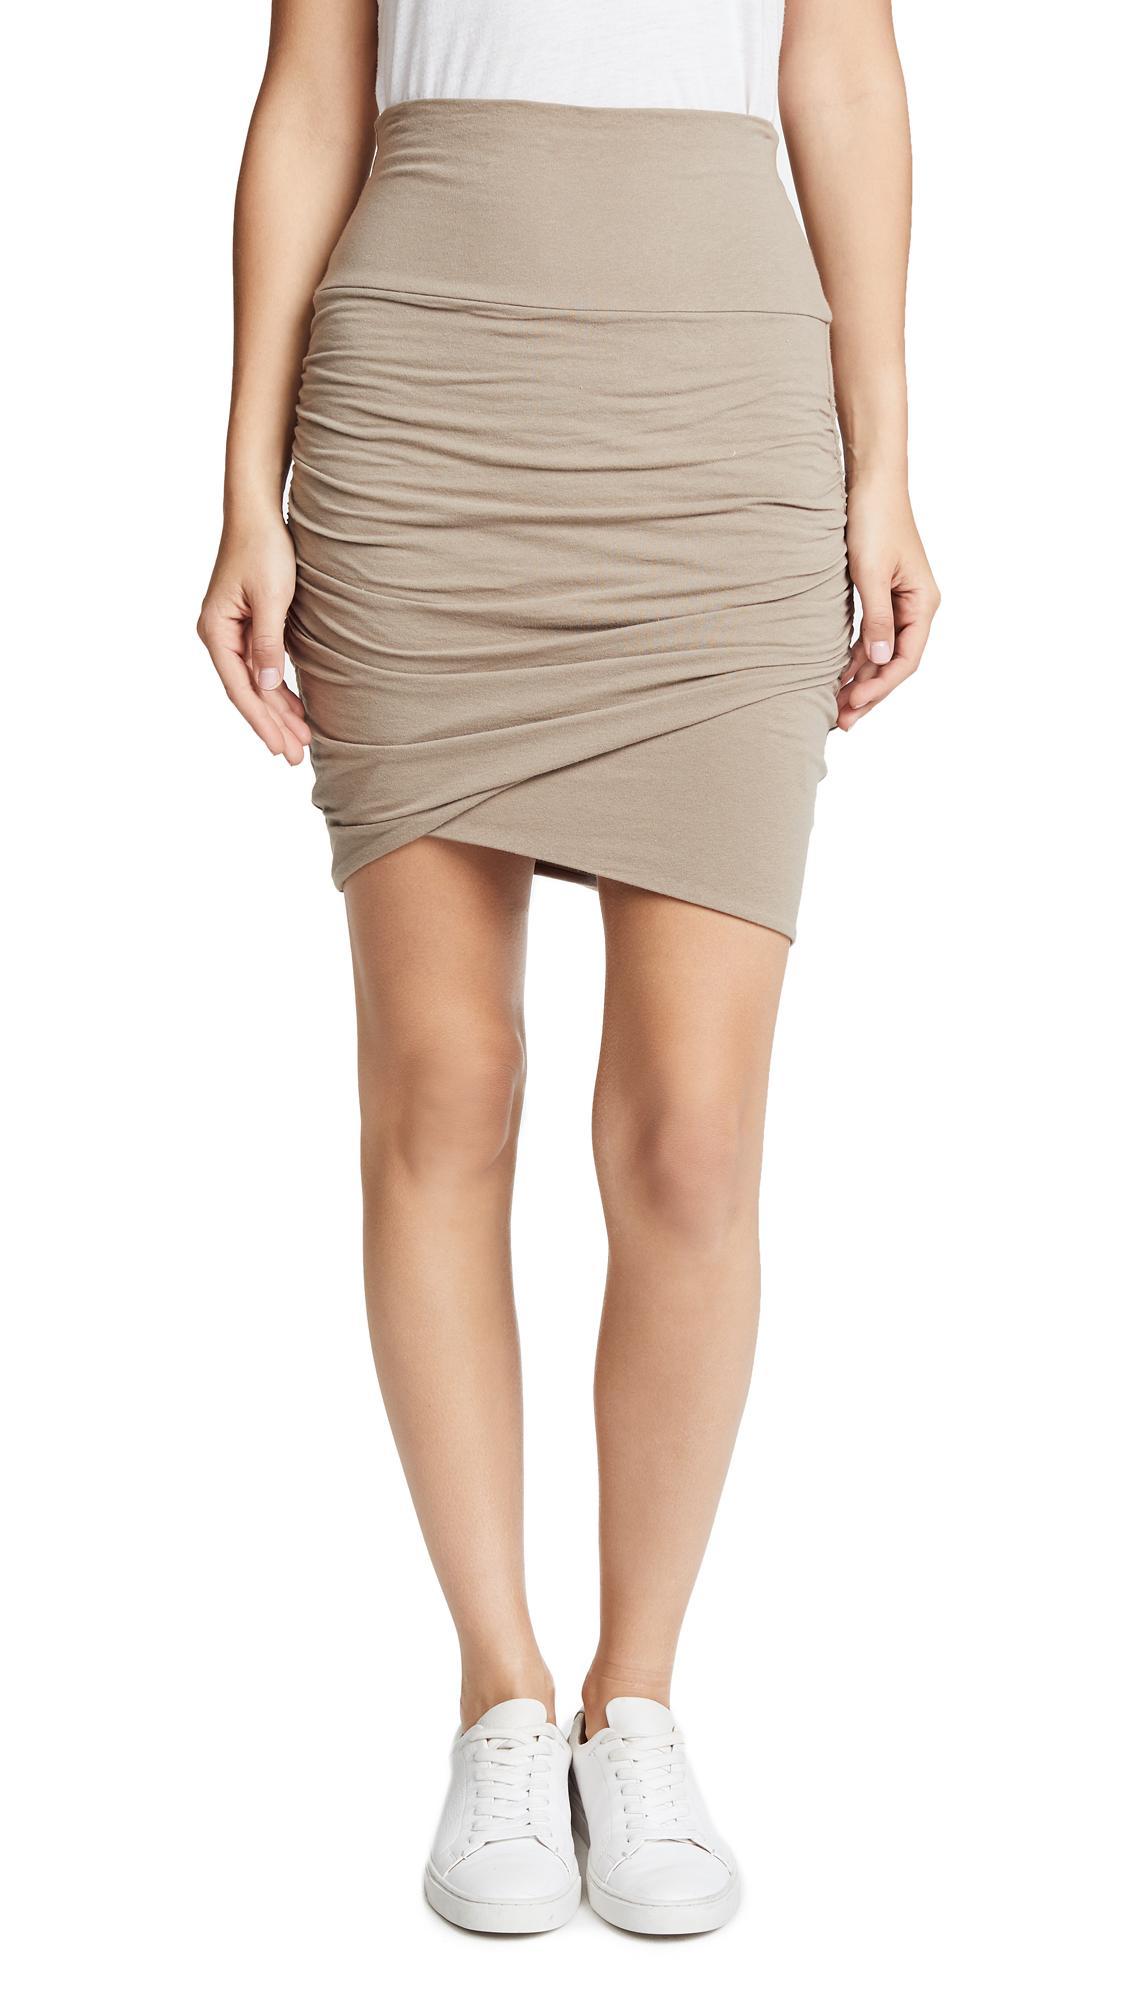 e85e054a46 James Perse High Waist Wrap Skirt In Coyote   ModeSens